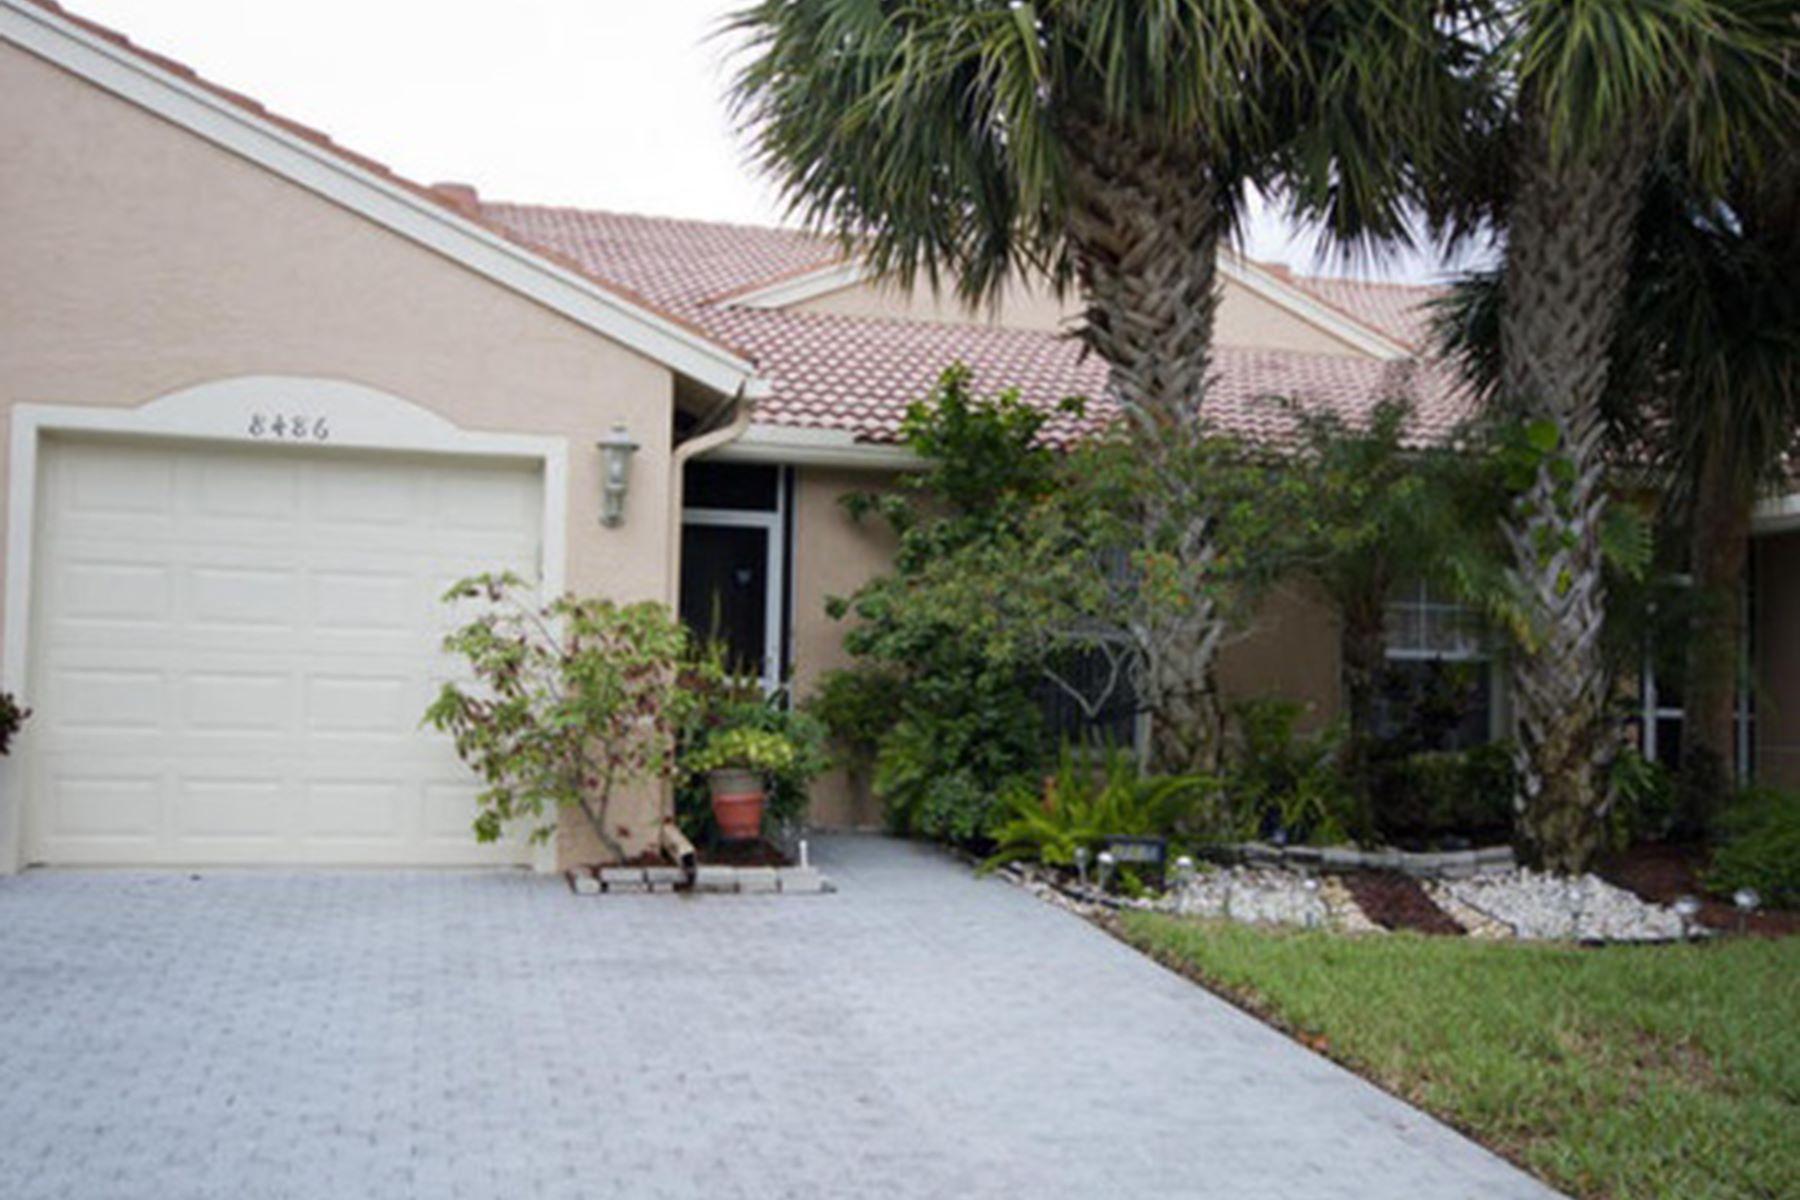 타운하우스 용 매매 에 8486 Logia Circle 8486 Logia Circle Boynton Beach, 플로리다 33472 미국